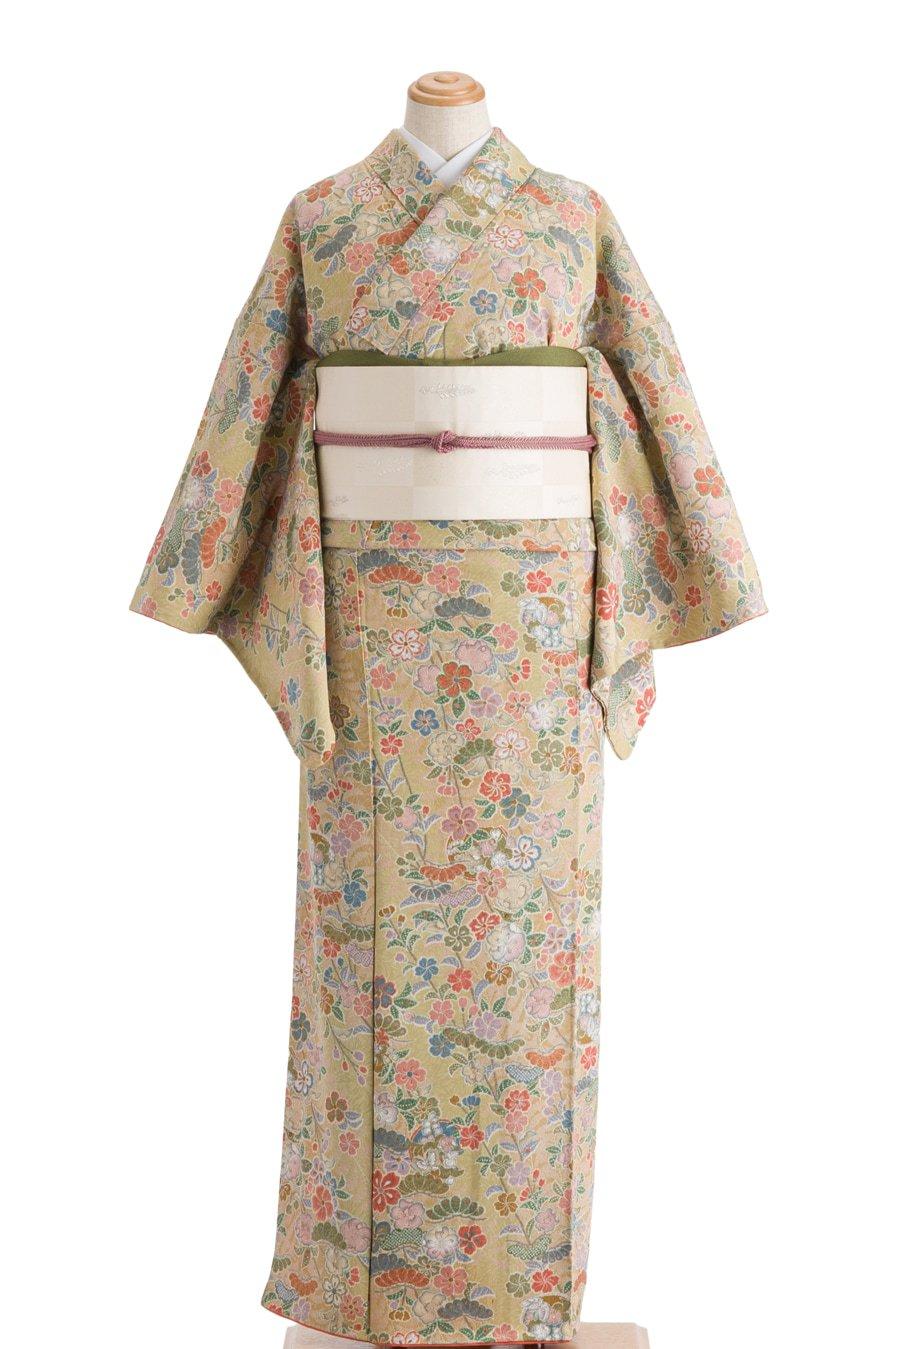 「枝垂れ桜や松など」の商品画像